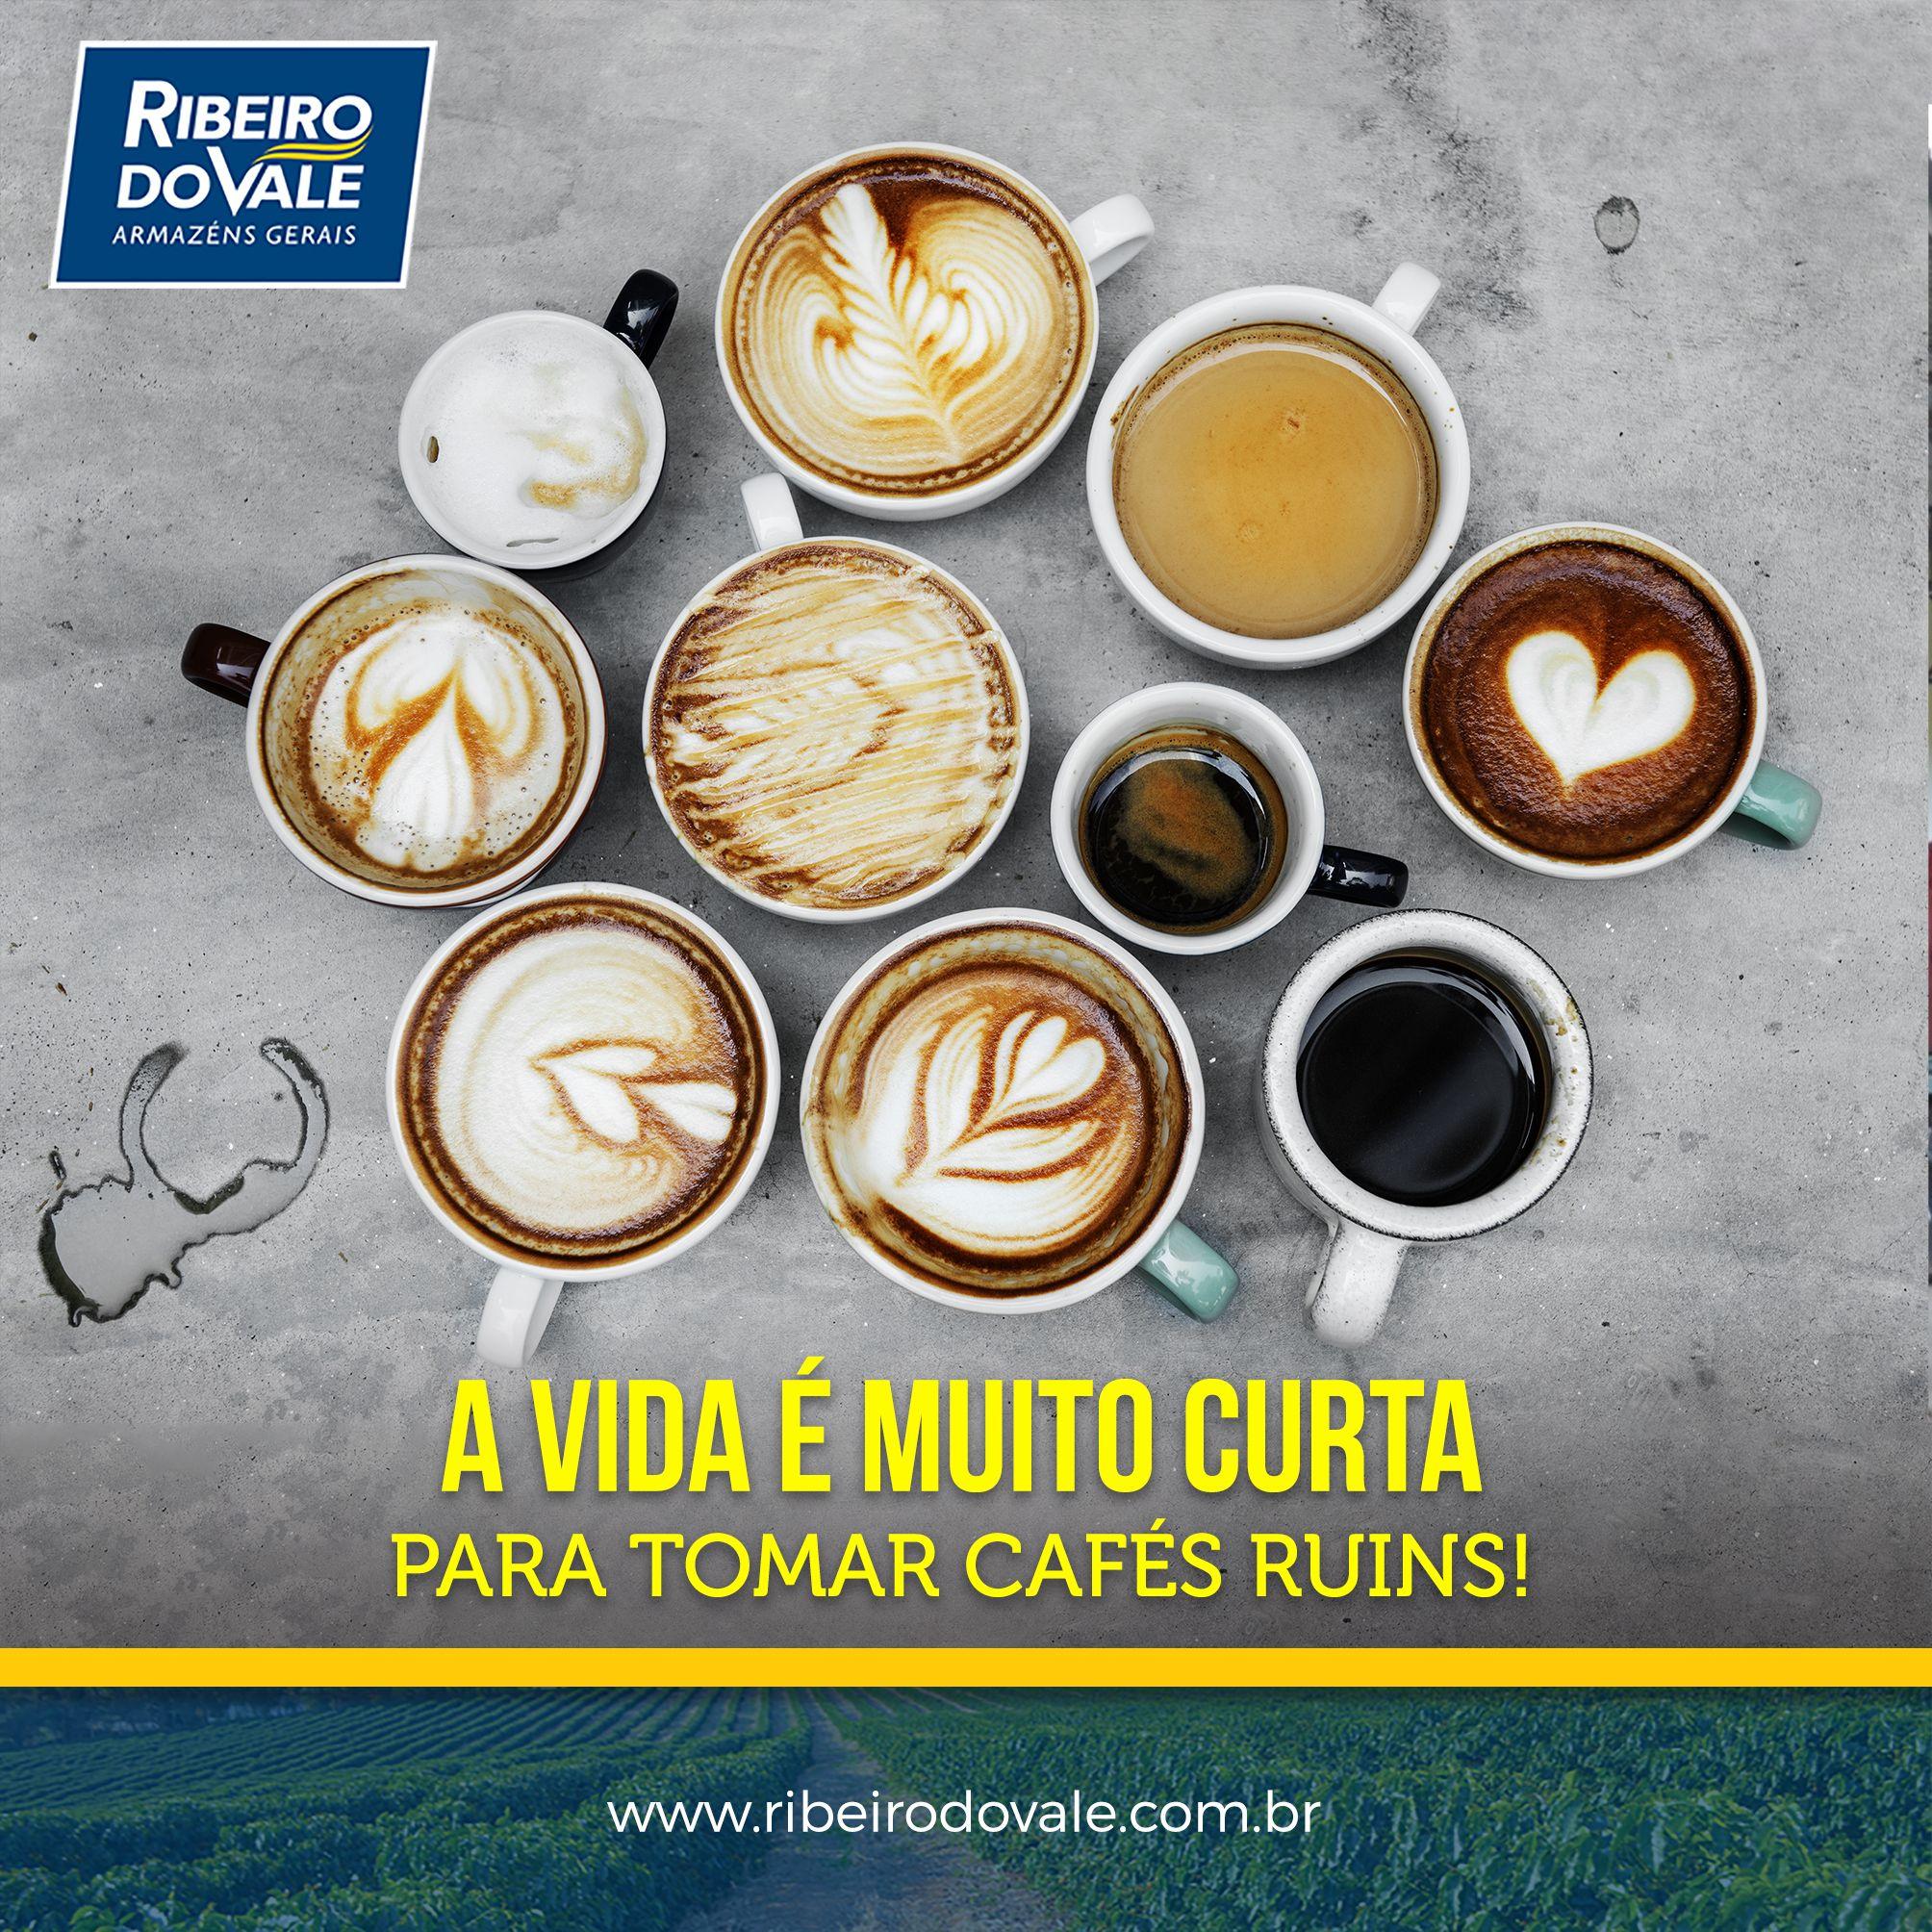 A Vida E Muito Curta Para Tomar Cafes Ruins Por Isso Aqui No